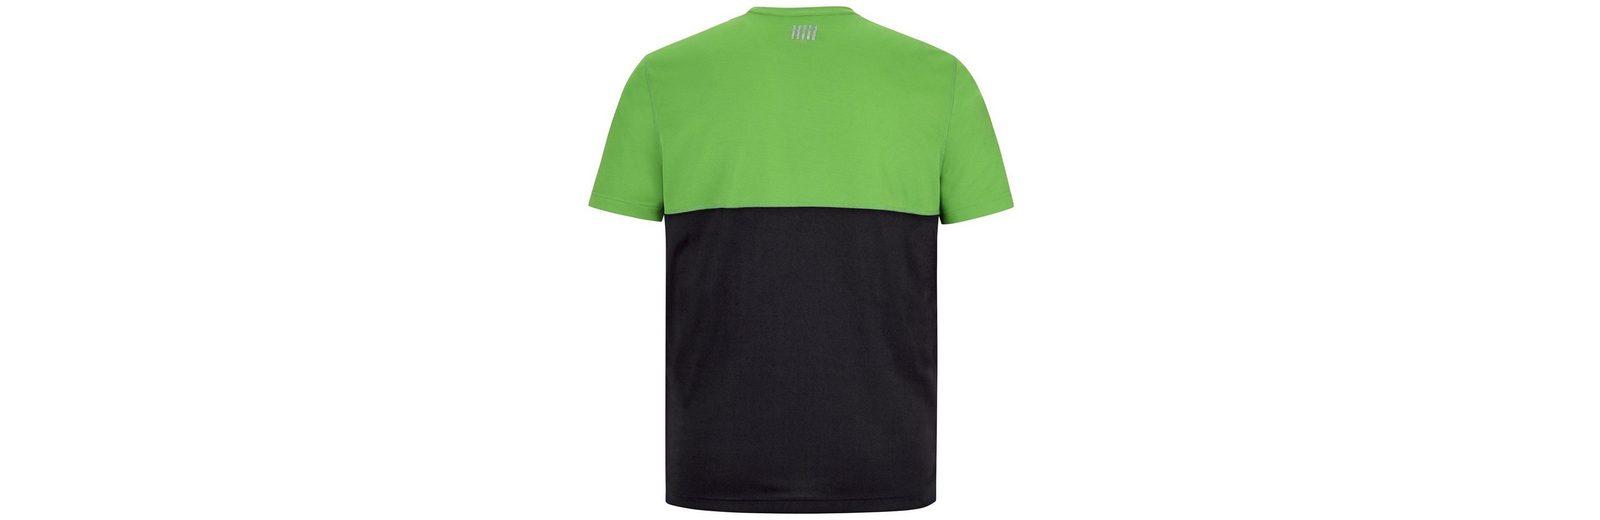 Wirklich Billig Online Jan Vanderstorm T-Shirt GREGER Freies Verschiffen Verkaufsschlager Rabatte Für Verkauf Outlet Beste Geschäft Zu Bekommen WCoB1coxv